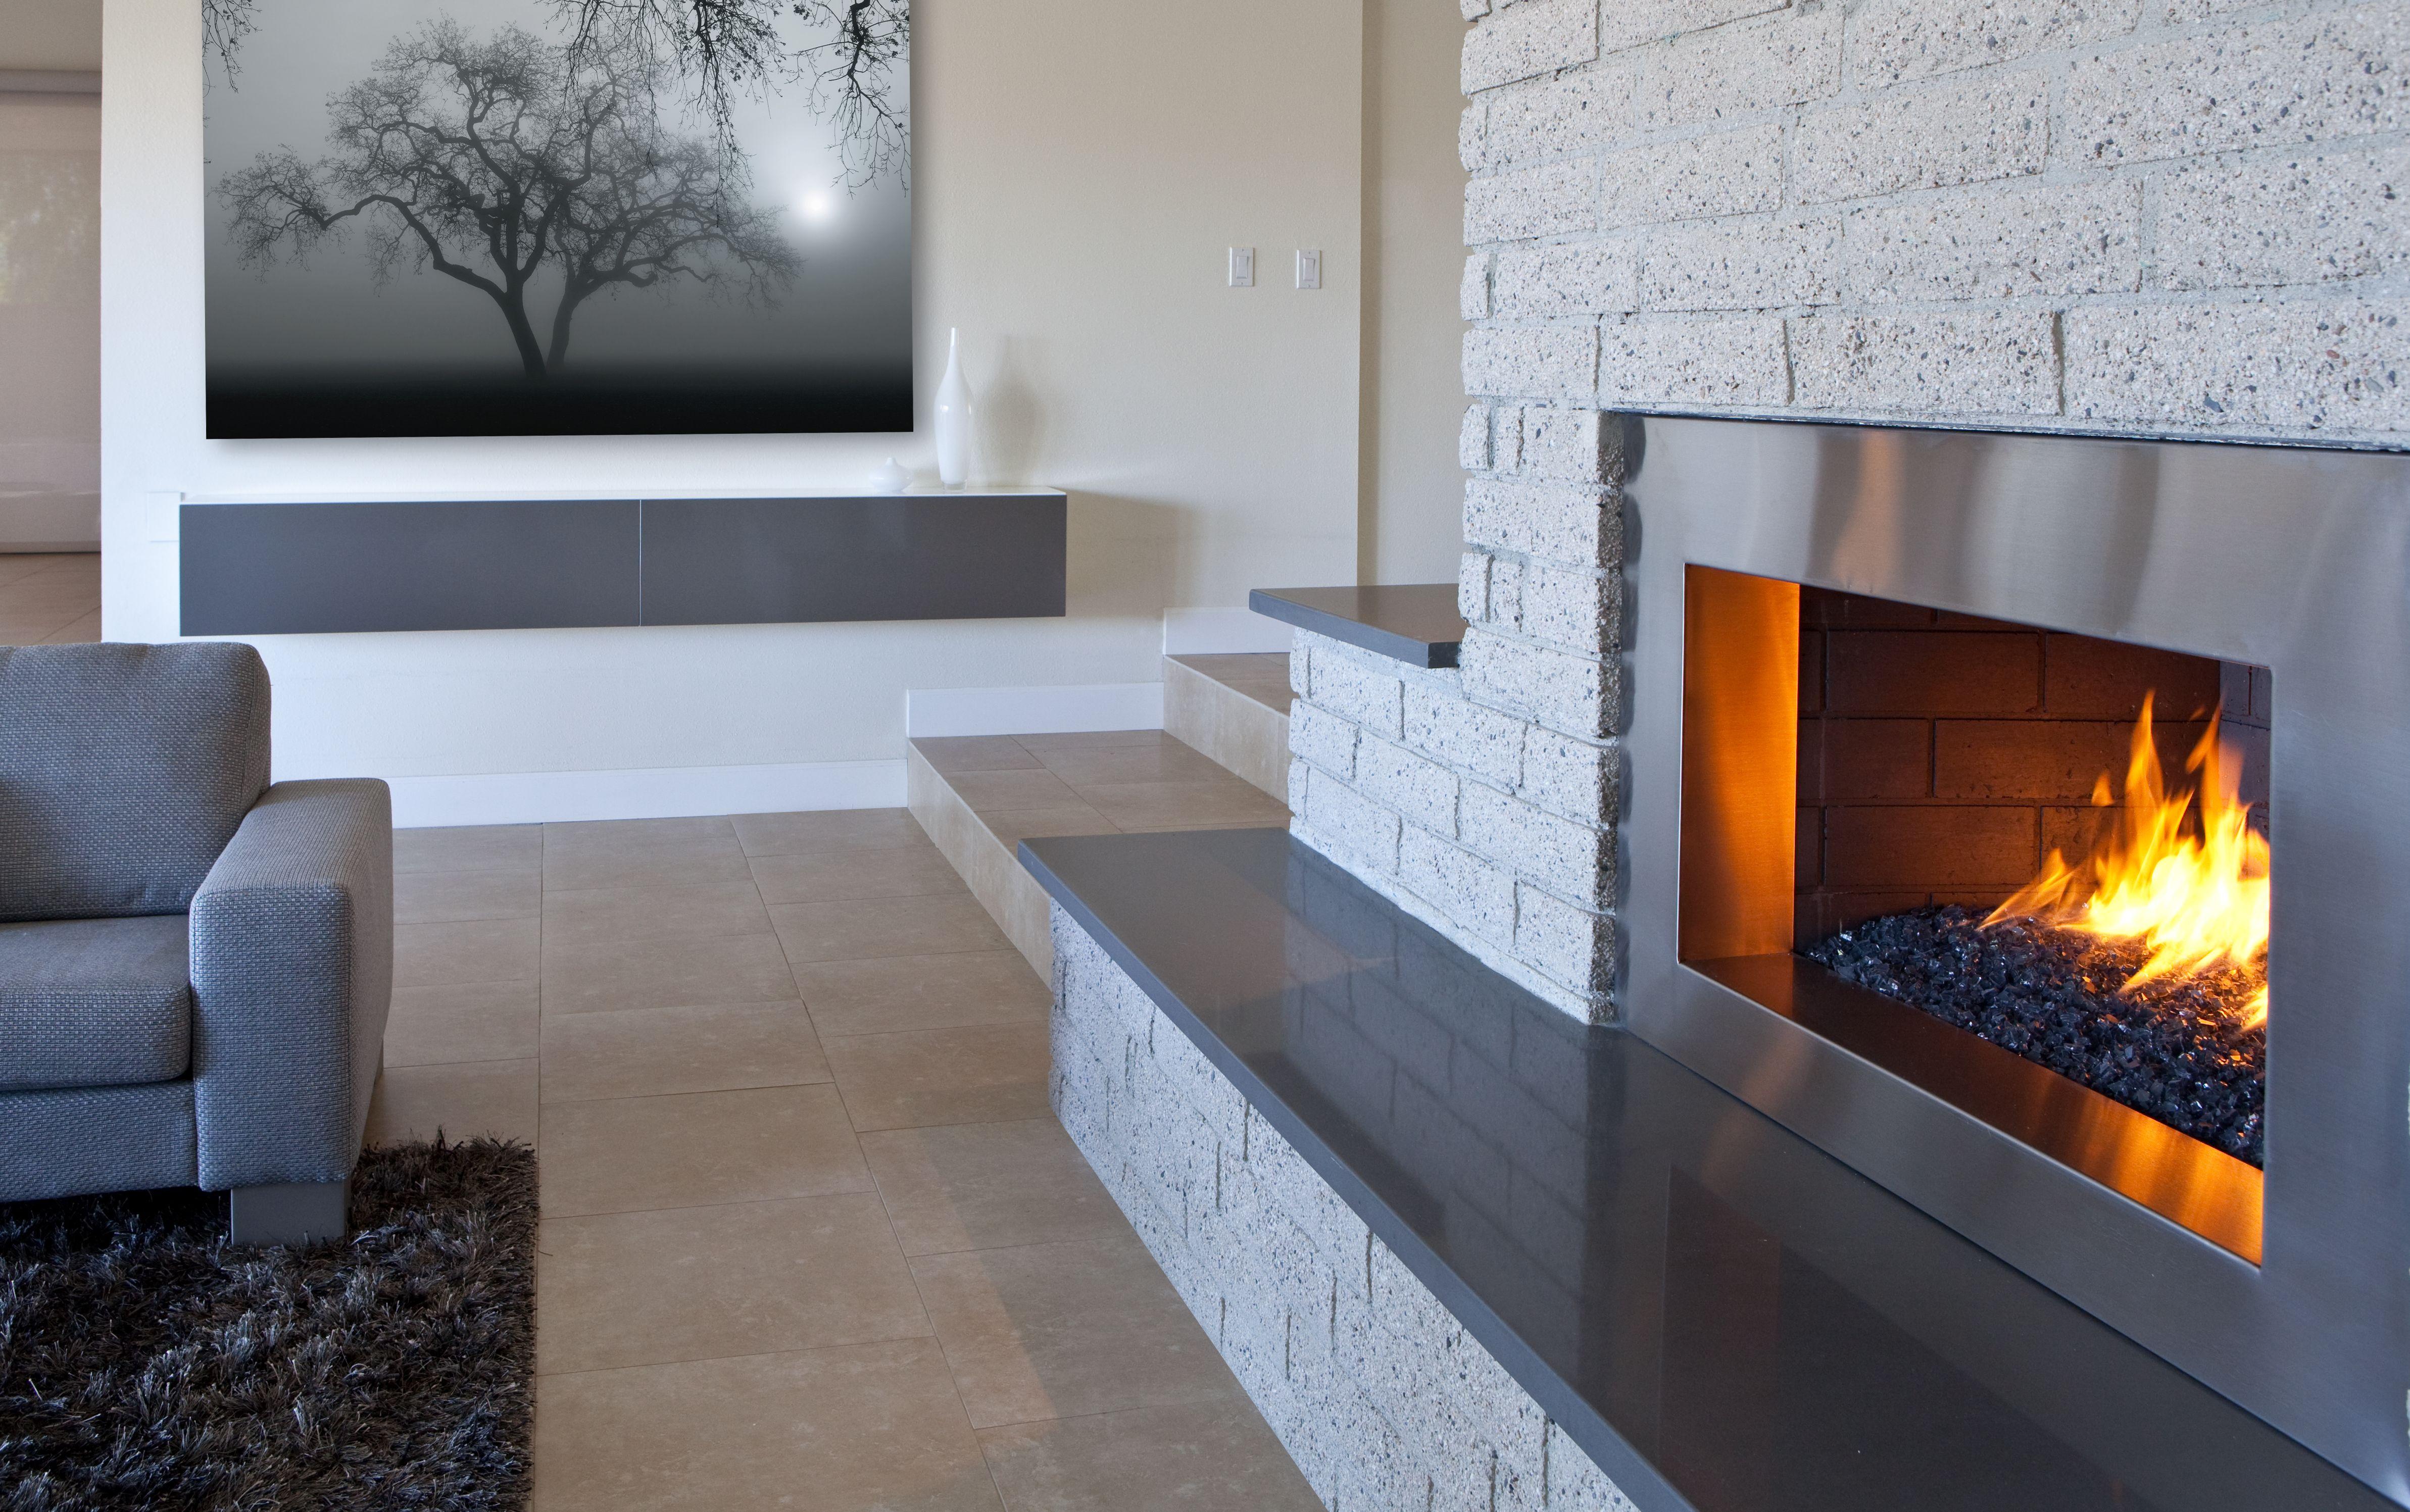 Venta, distribución e instalación independiente de chimeneas en Valencia